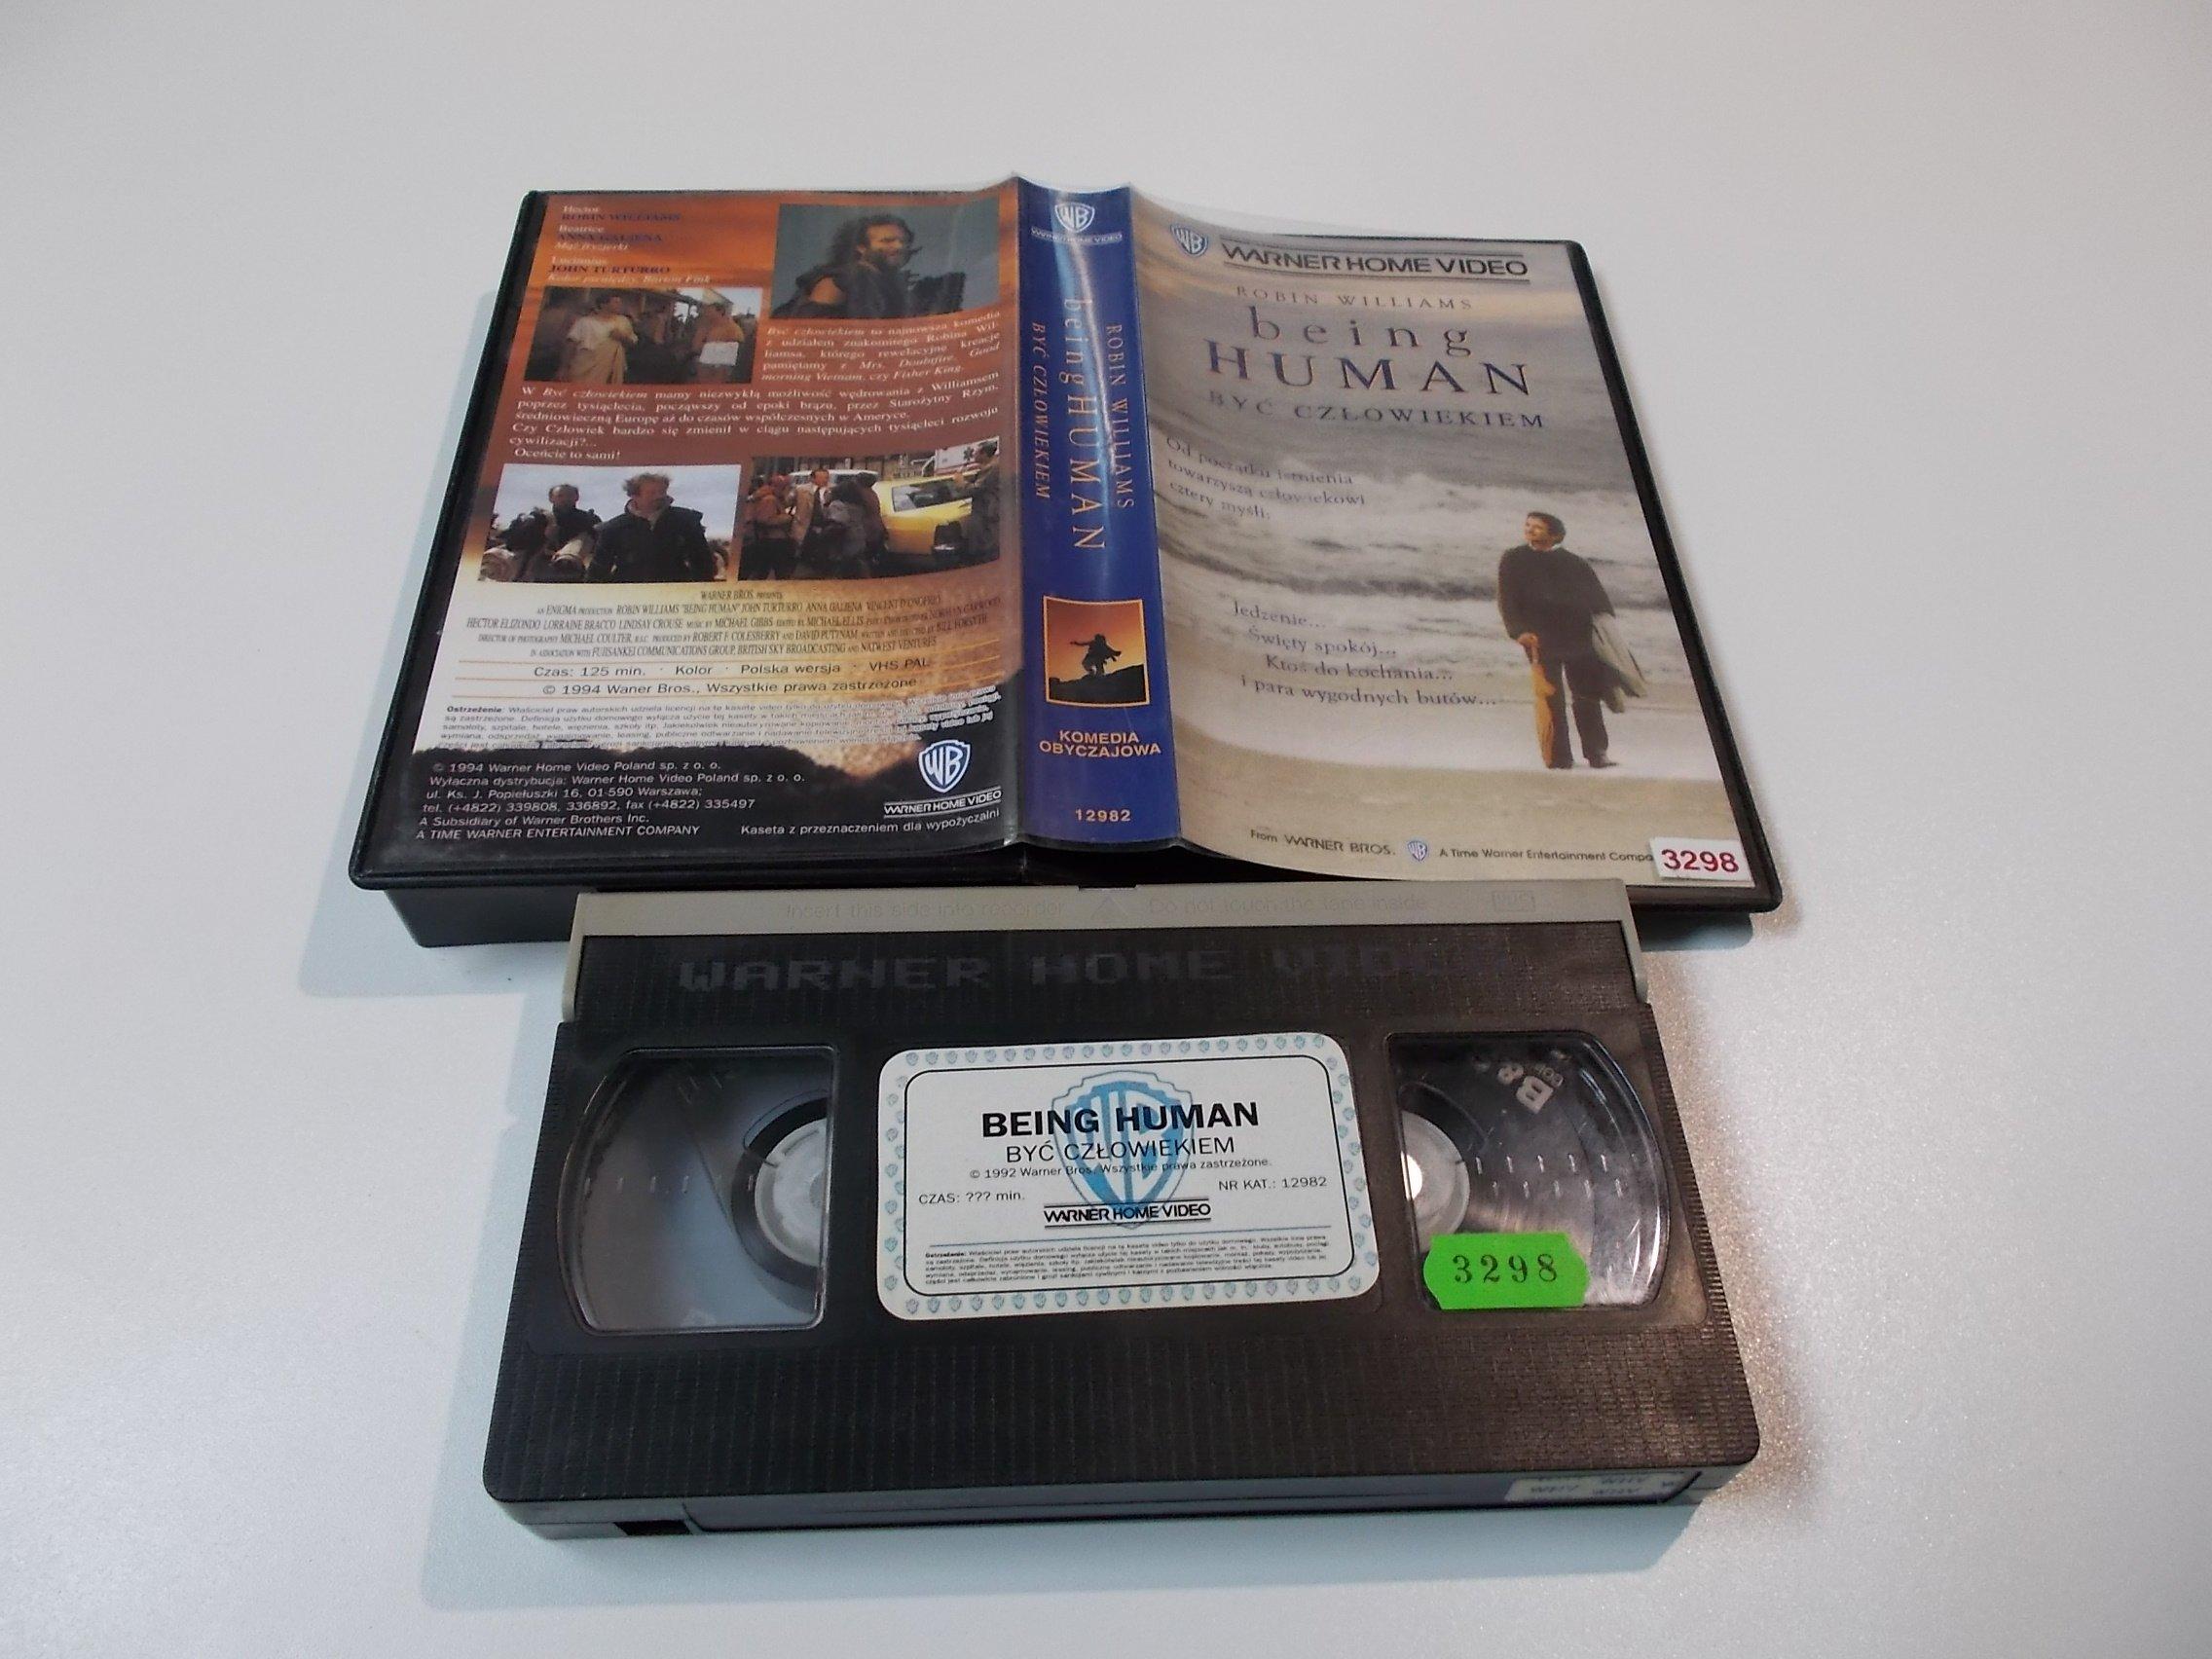 BYĆ CZŁOWIEKIEM - ROBIN WILLIAMS - kaseta Video VHS - 1462 Sklep